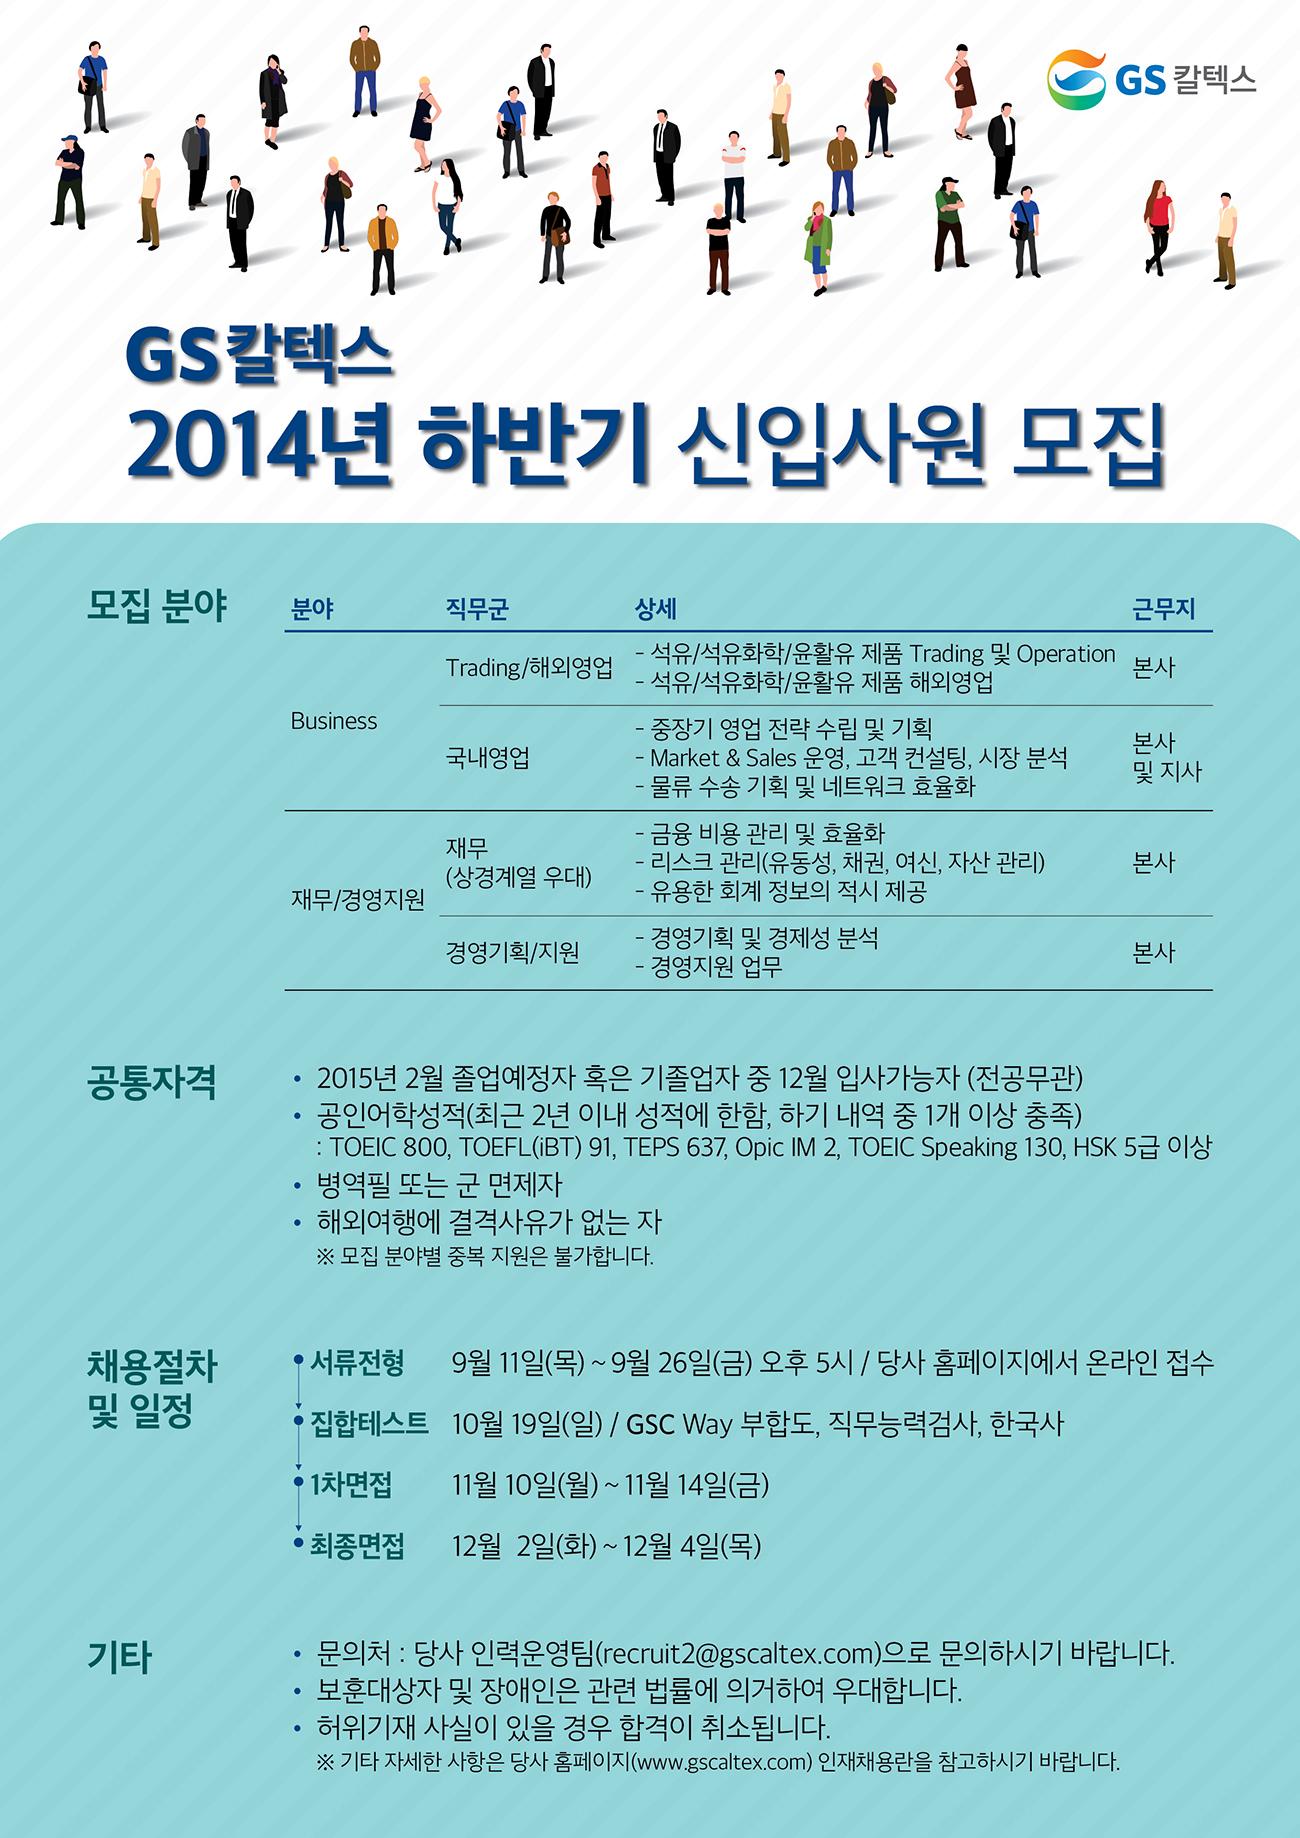 [GS칼텍스] 2014 하반기 GS칼텍스 신입사원 모집 (~9/26)